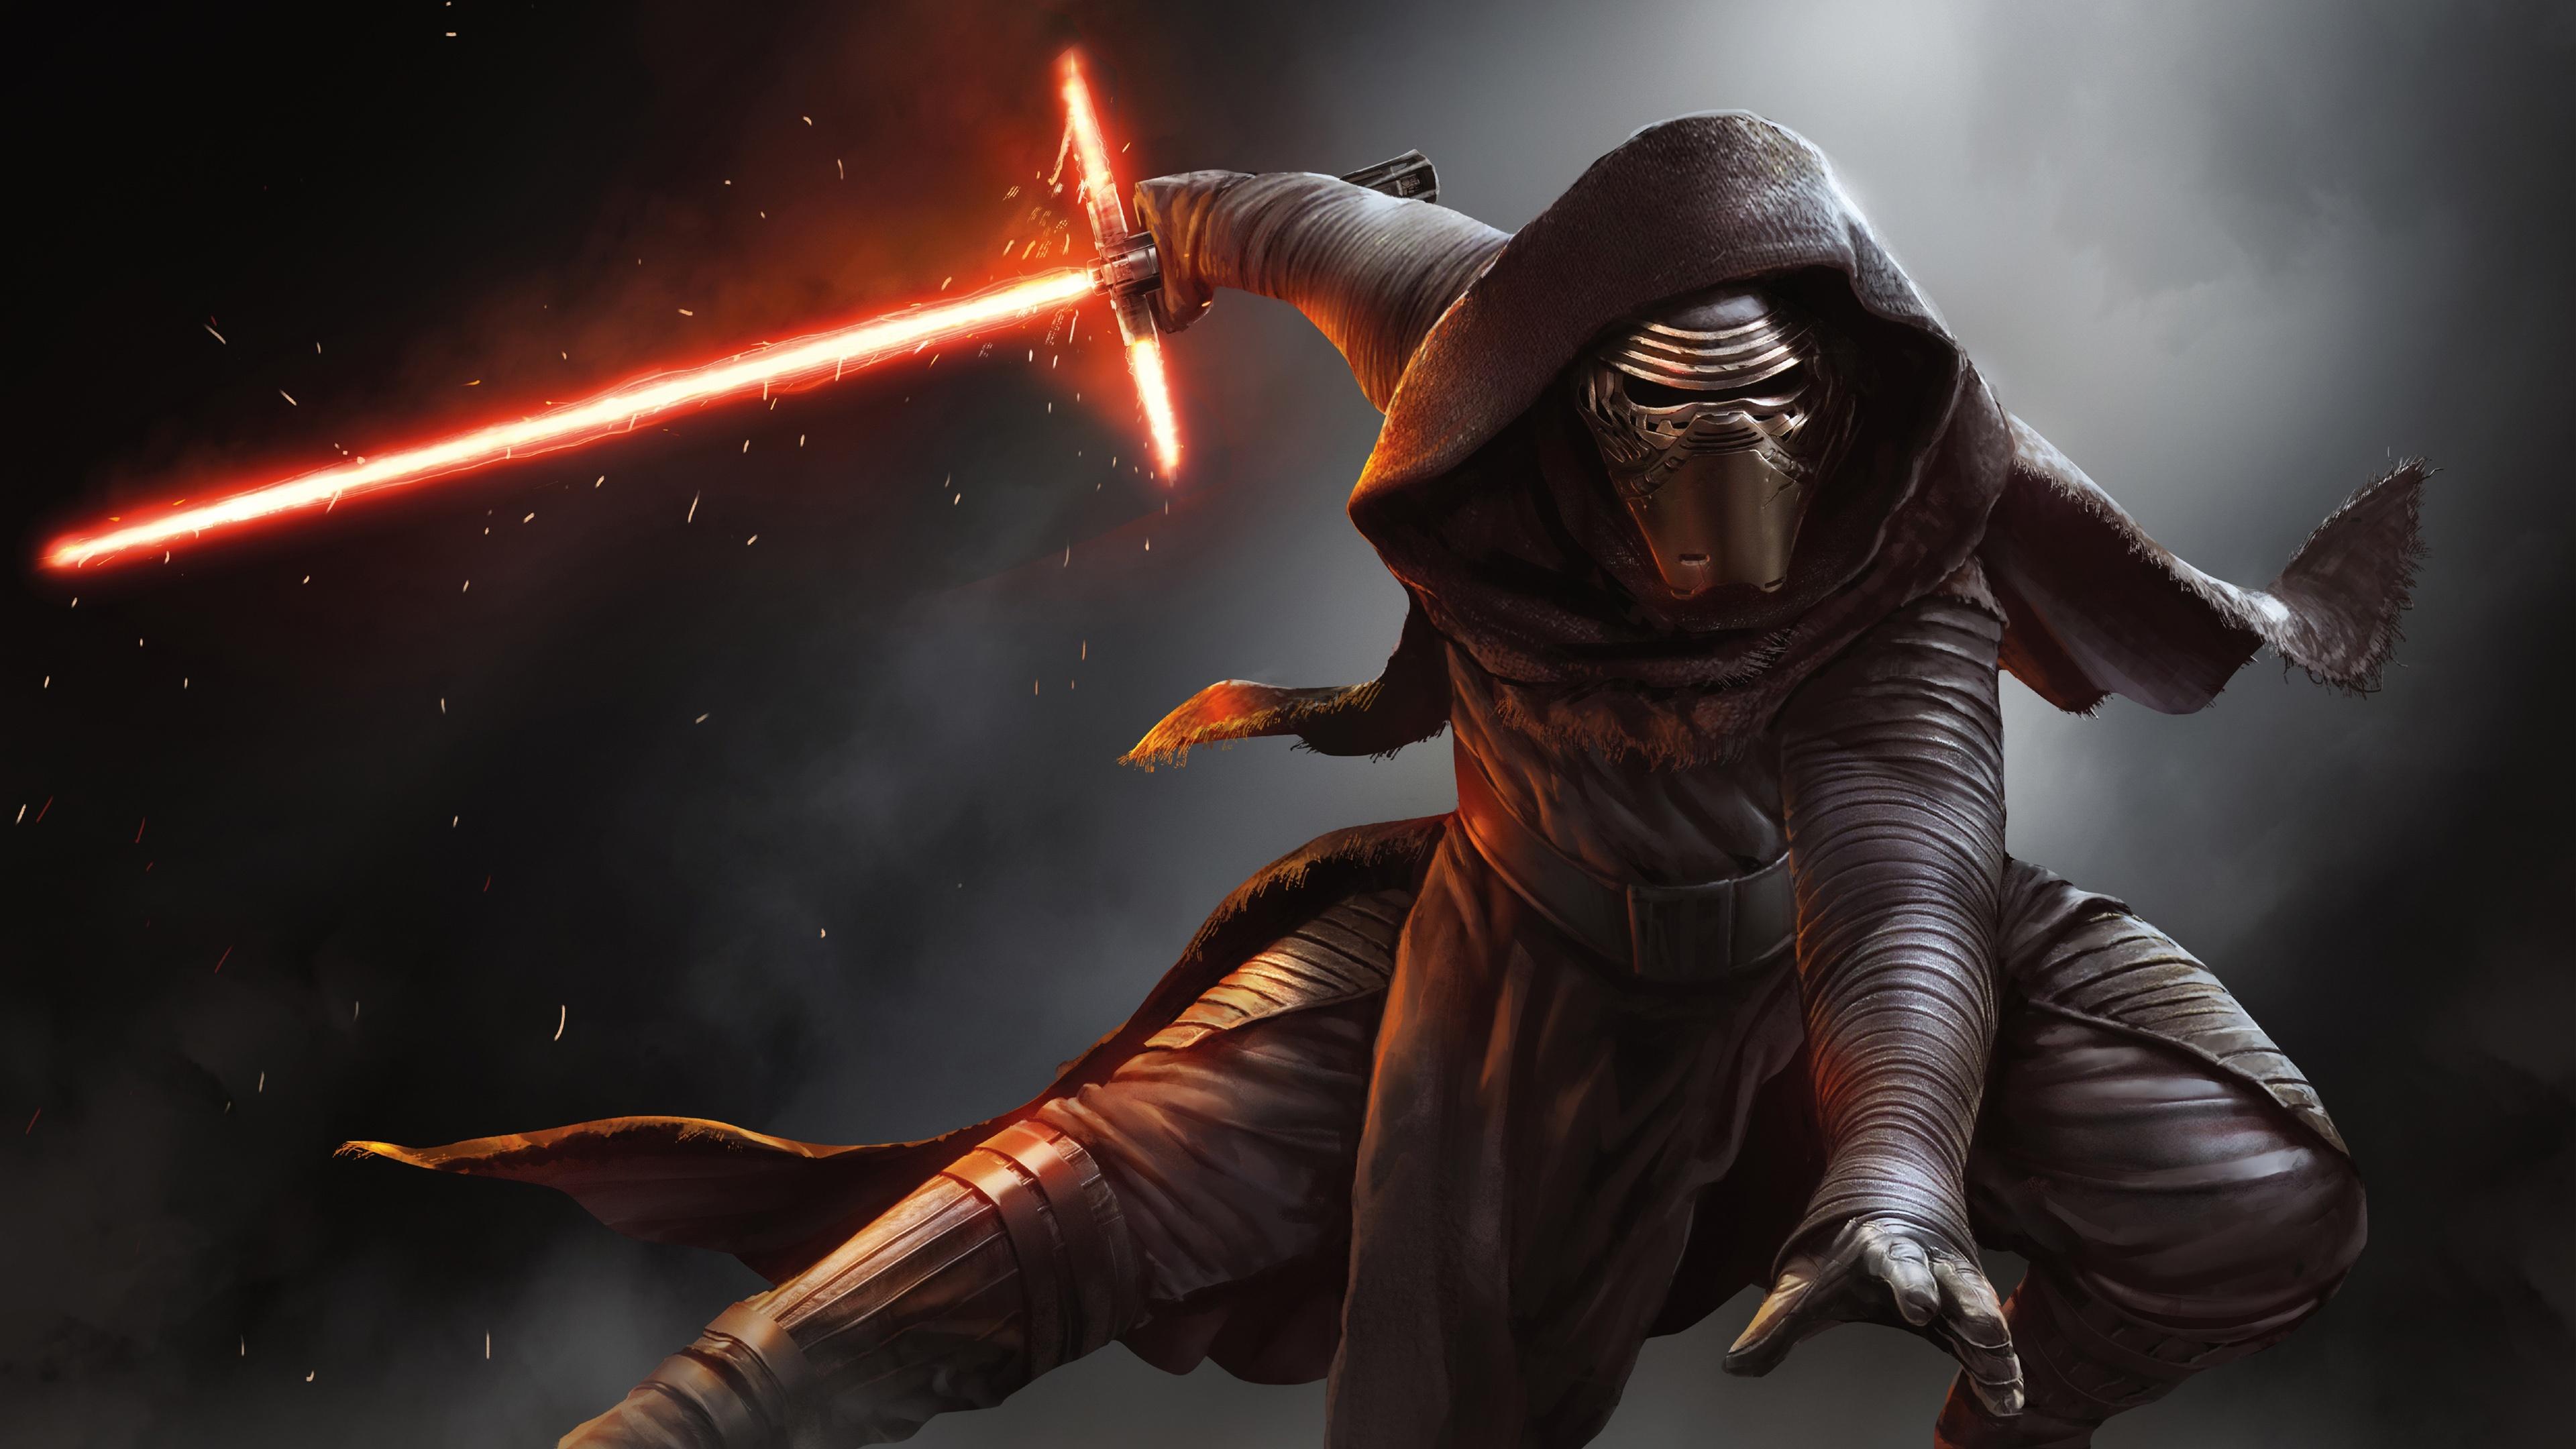 Kylo Ren Star Wars Wallpapers HD Wallpapers 3840x2160